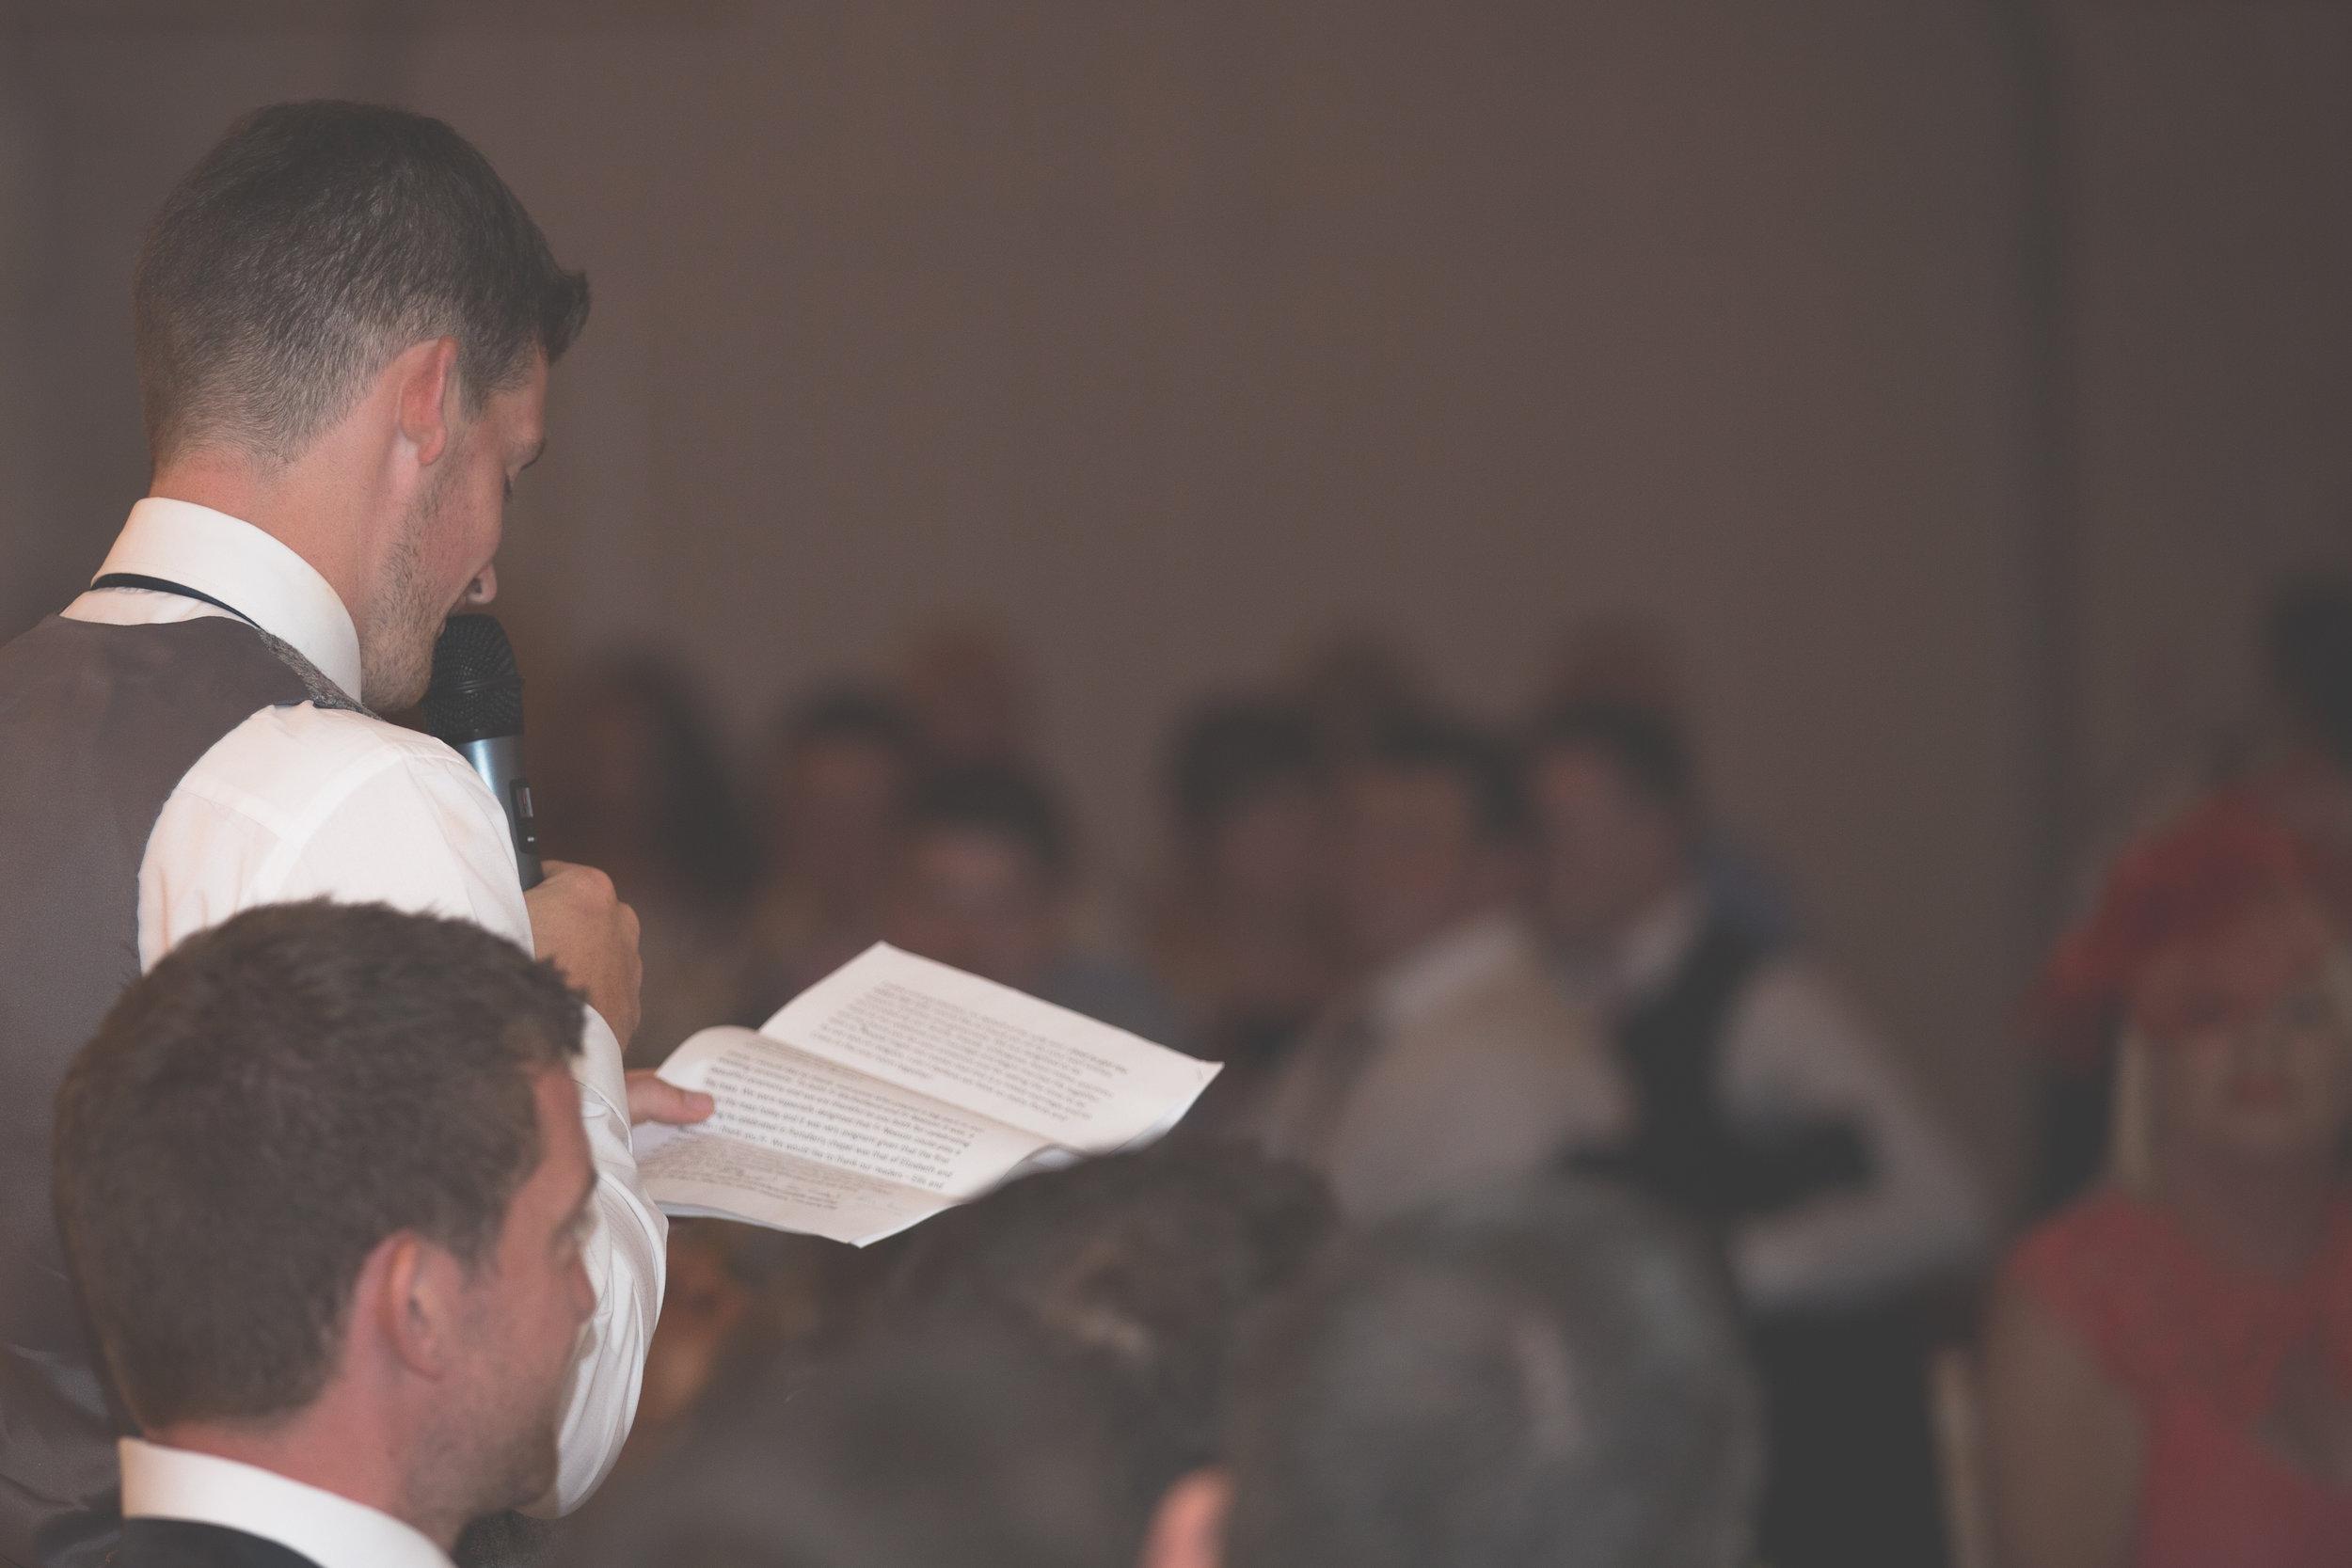 Brian McEwan Wedding Photography | Carol-Anne & Sean | The Speeches-70.jpg